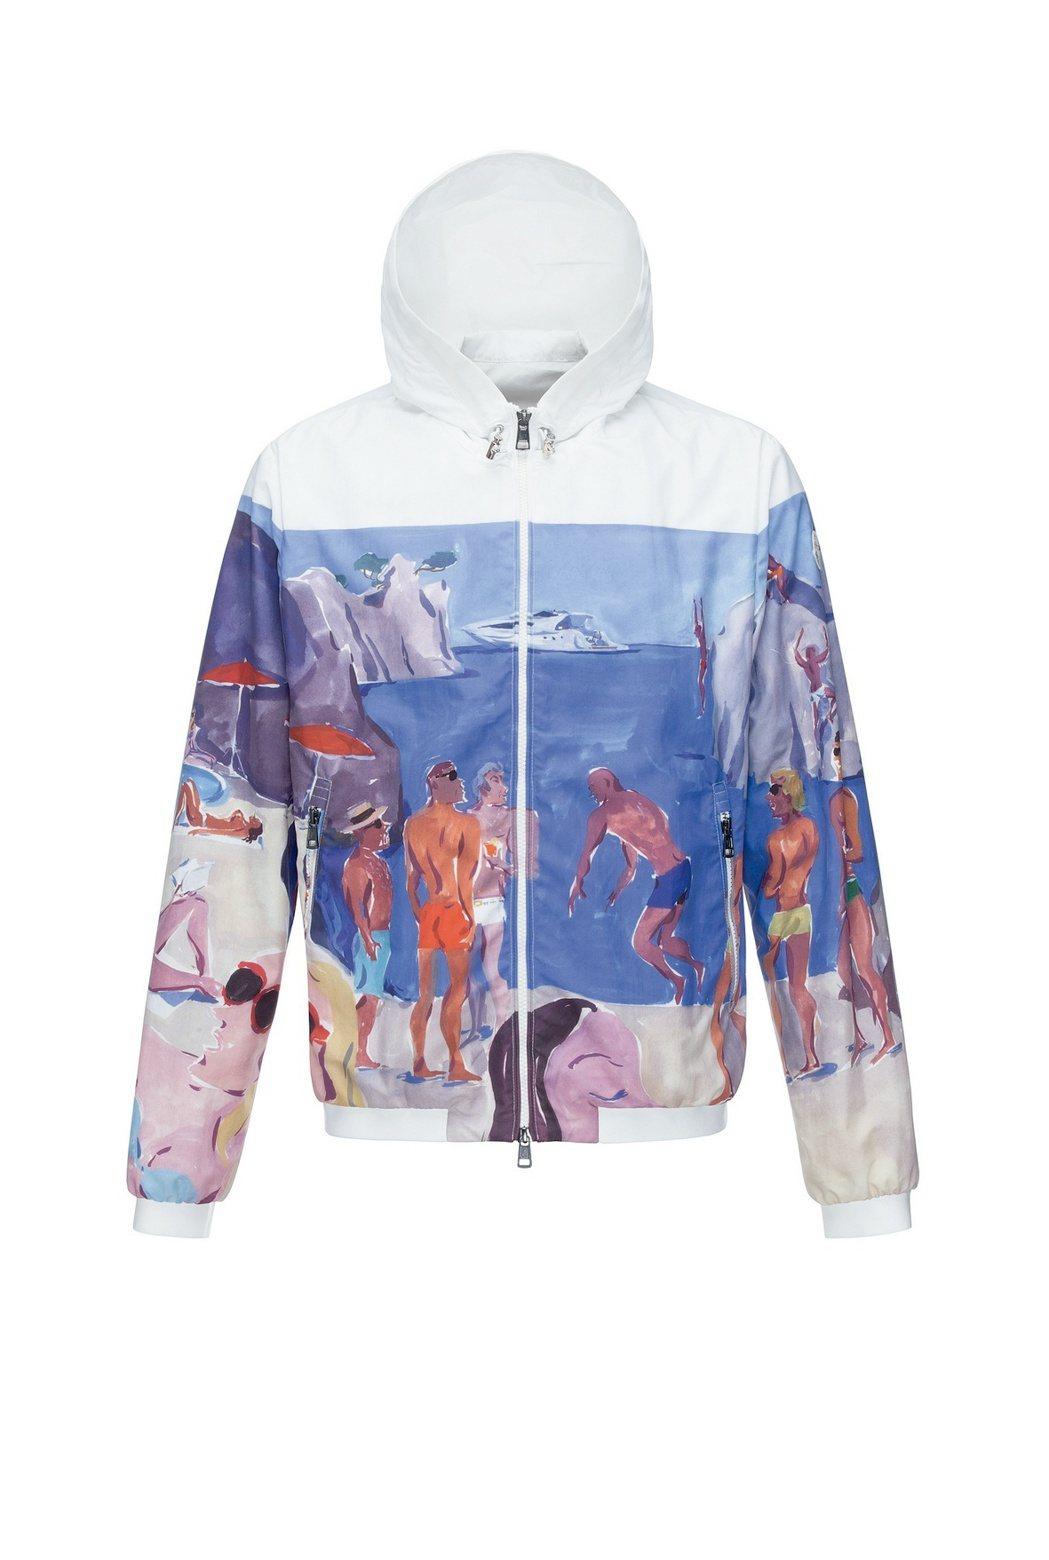 POSTCARD如畫景致系列水彩塗鴉Giubotto薄外套,價格店洽。圖/MON...